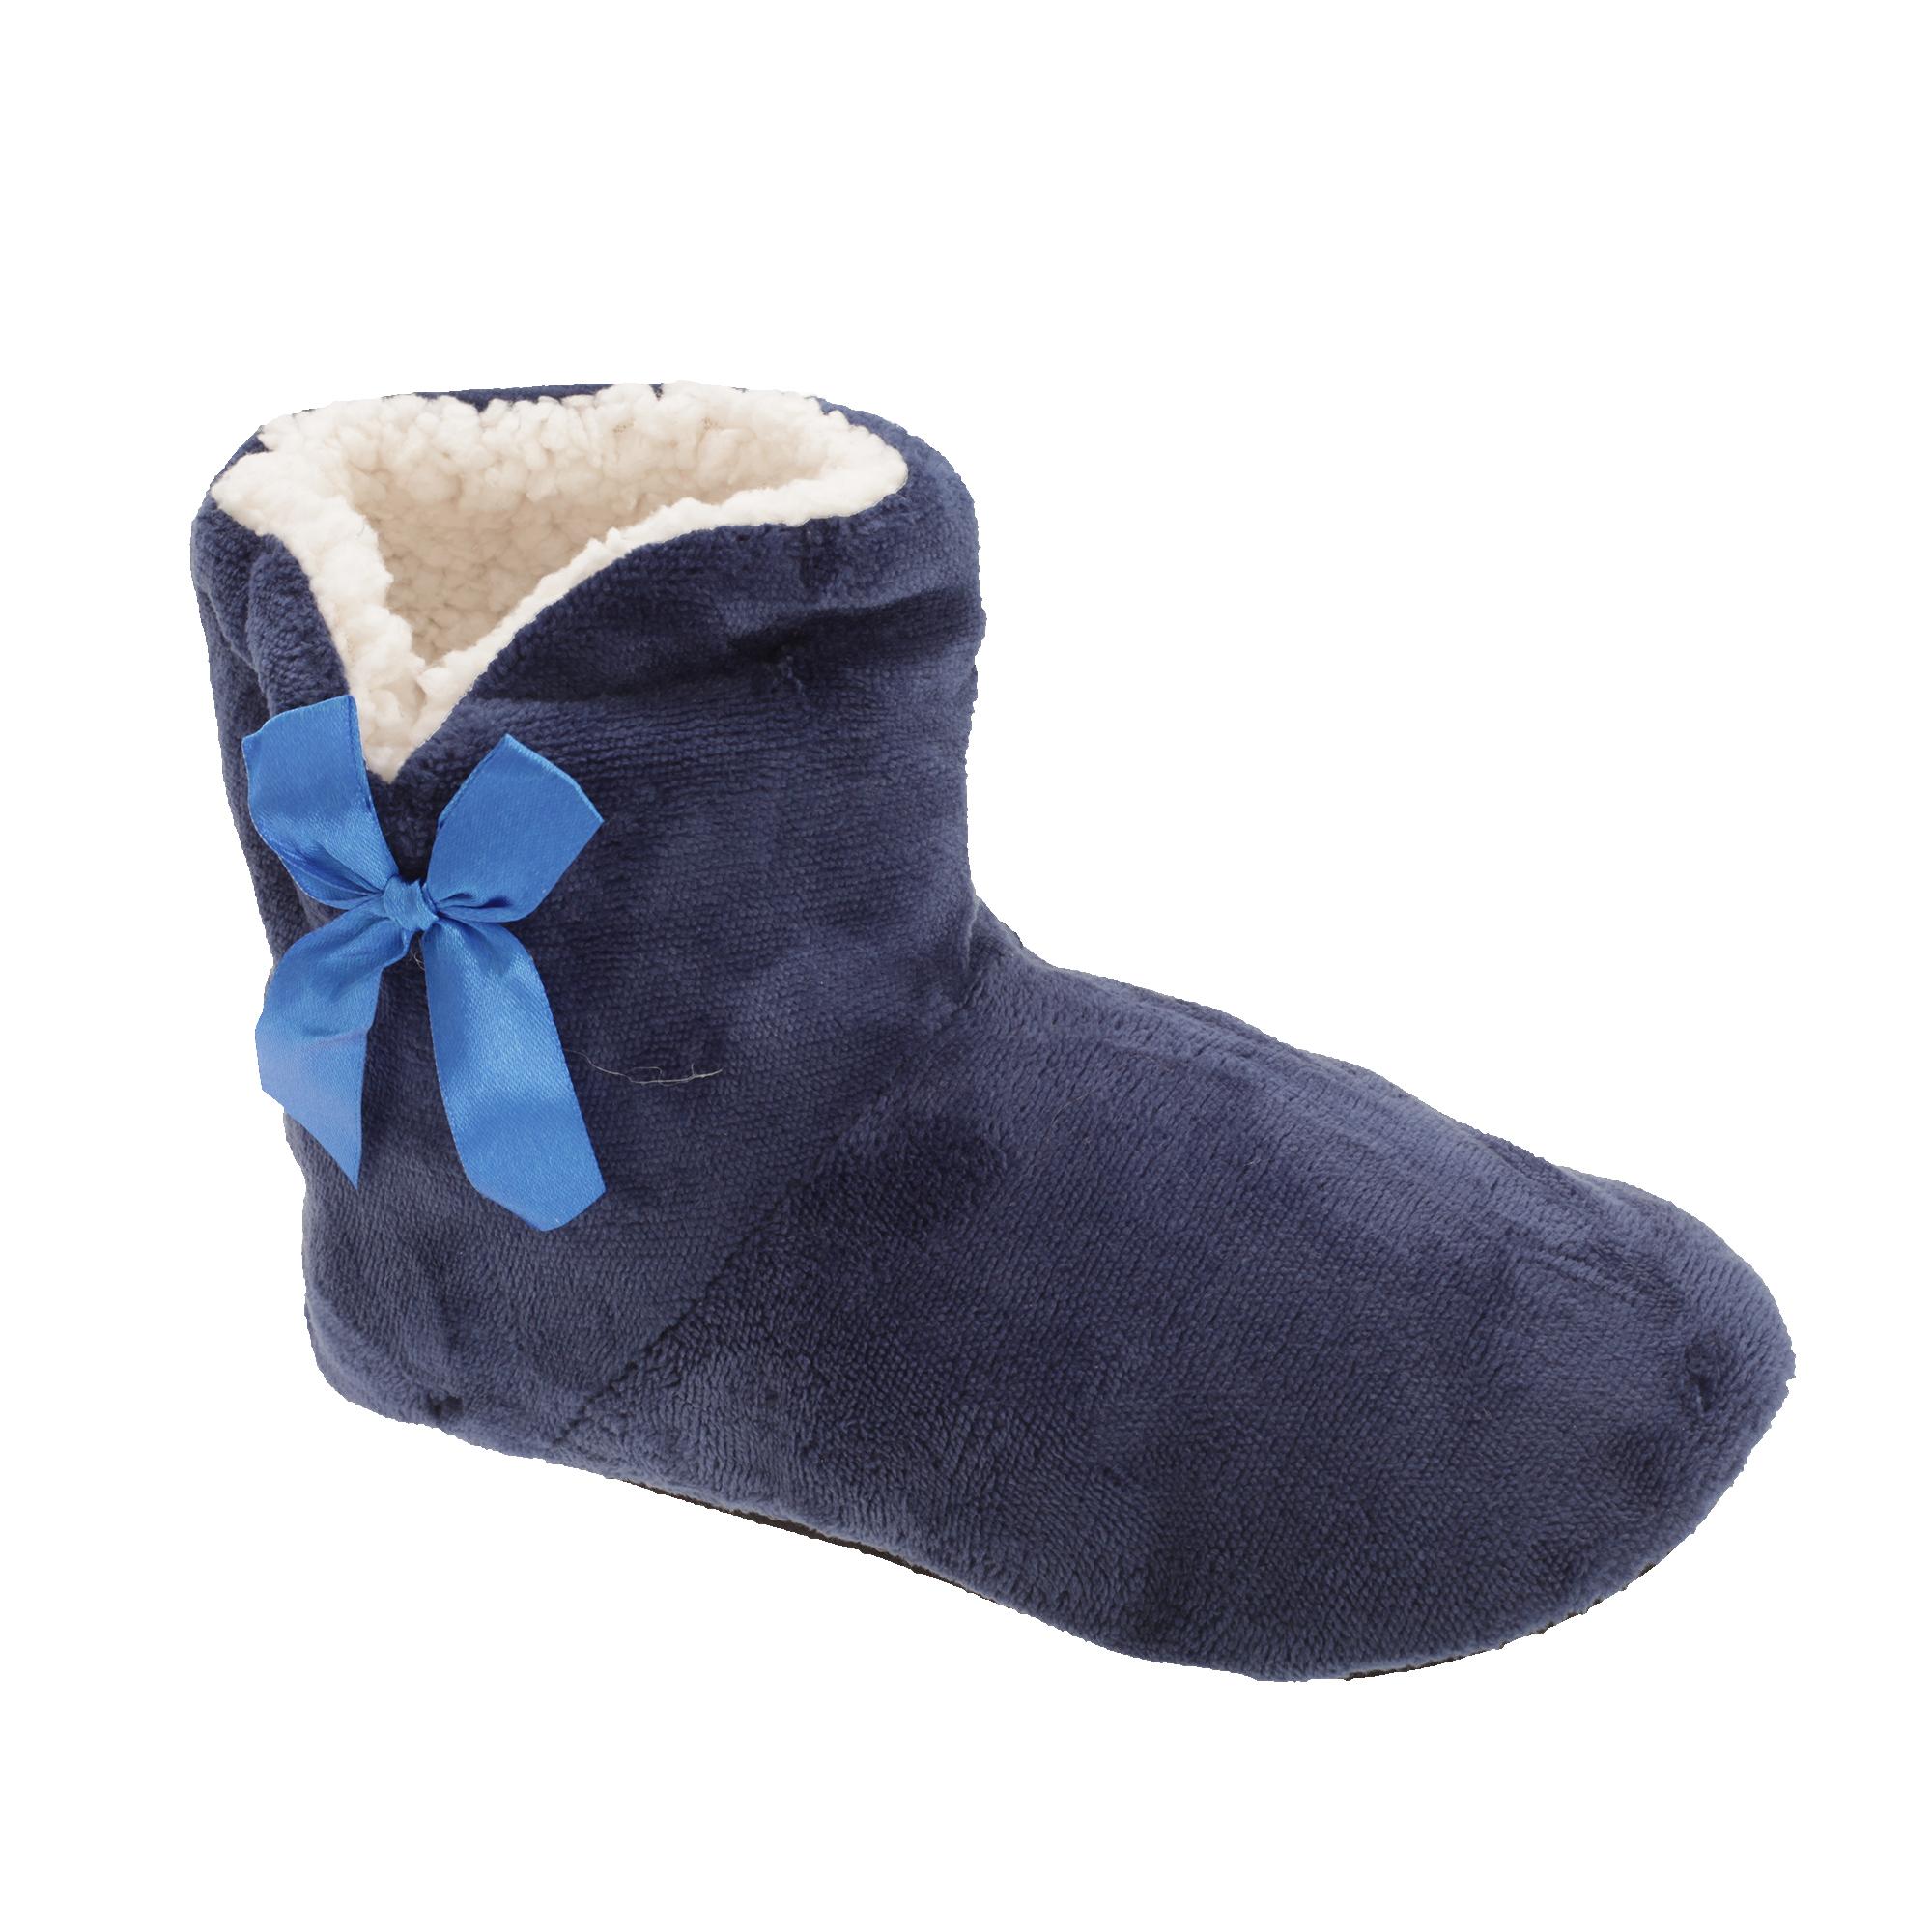 chaussons bottes femme utsl452 ebay. Black Bedroom Furniture Sets. Home Design Ideas